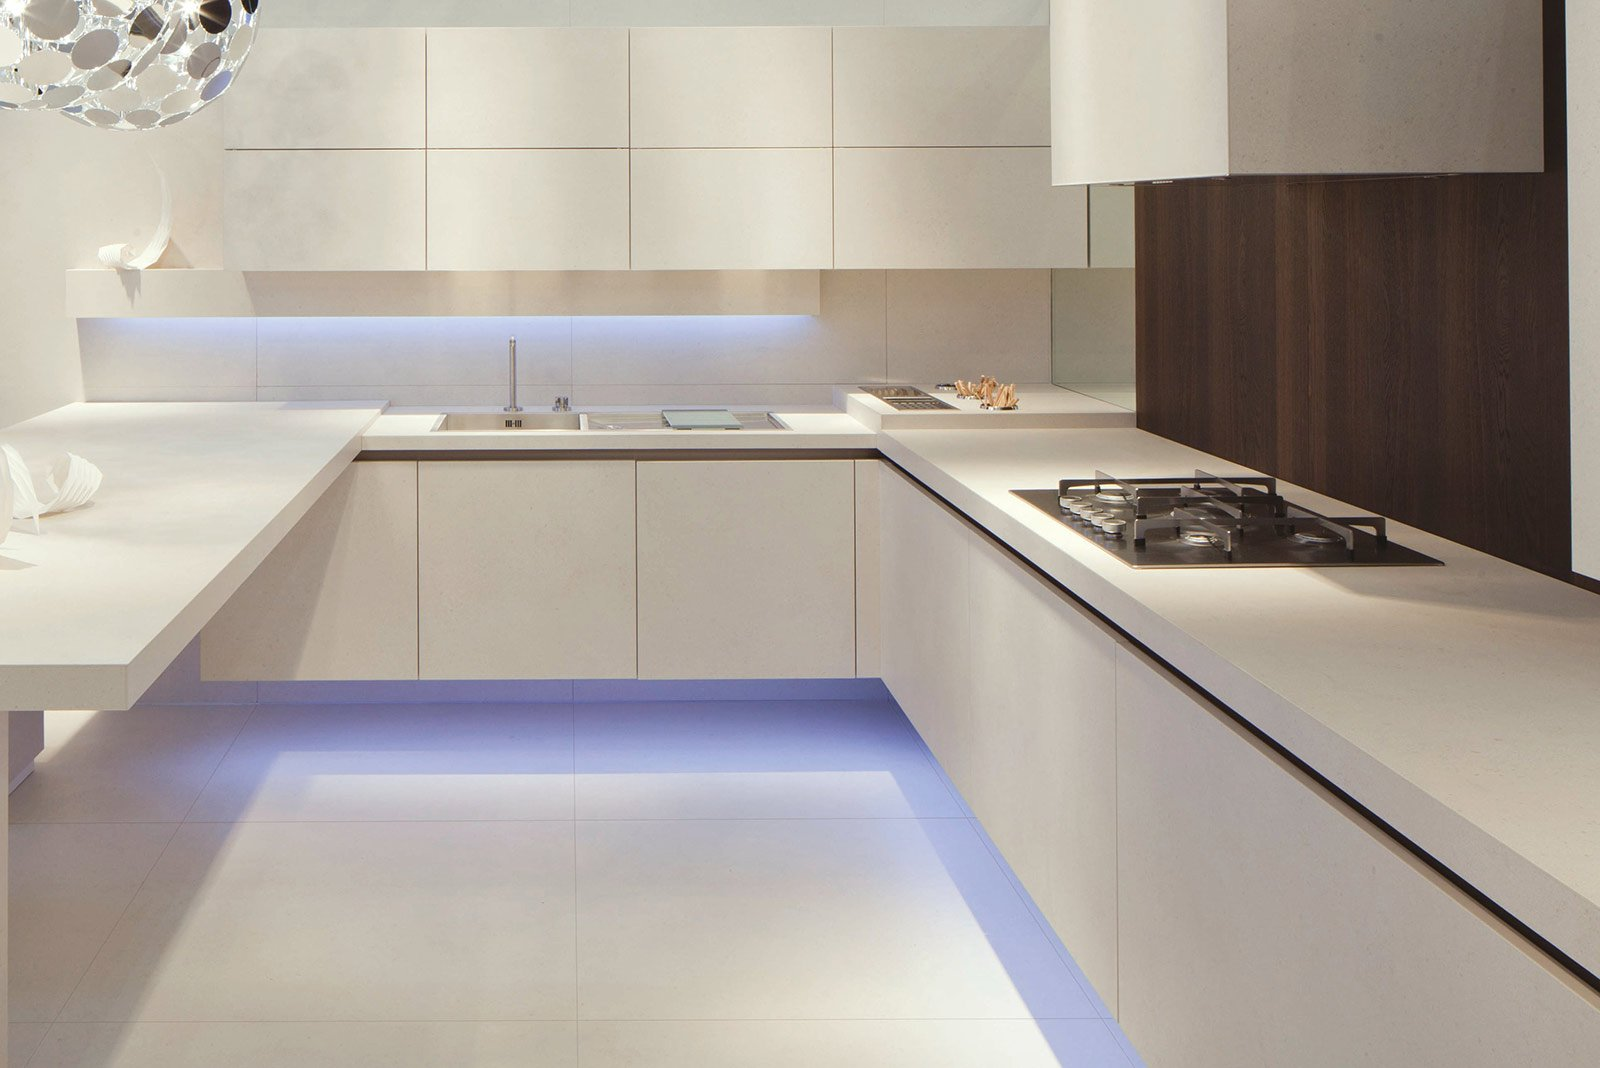 La Cucina Etherna Di Arrital Armonizza Arredo E Ambiente Puntando Per  #3E508D 1600 1068 Top Cucina In Laminato Opinioni